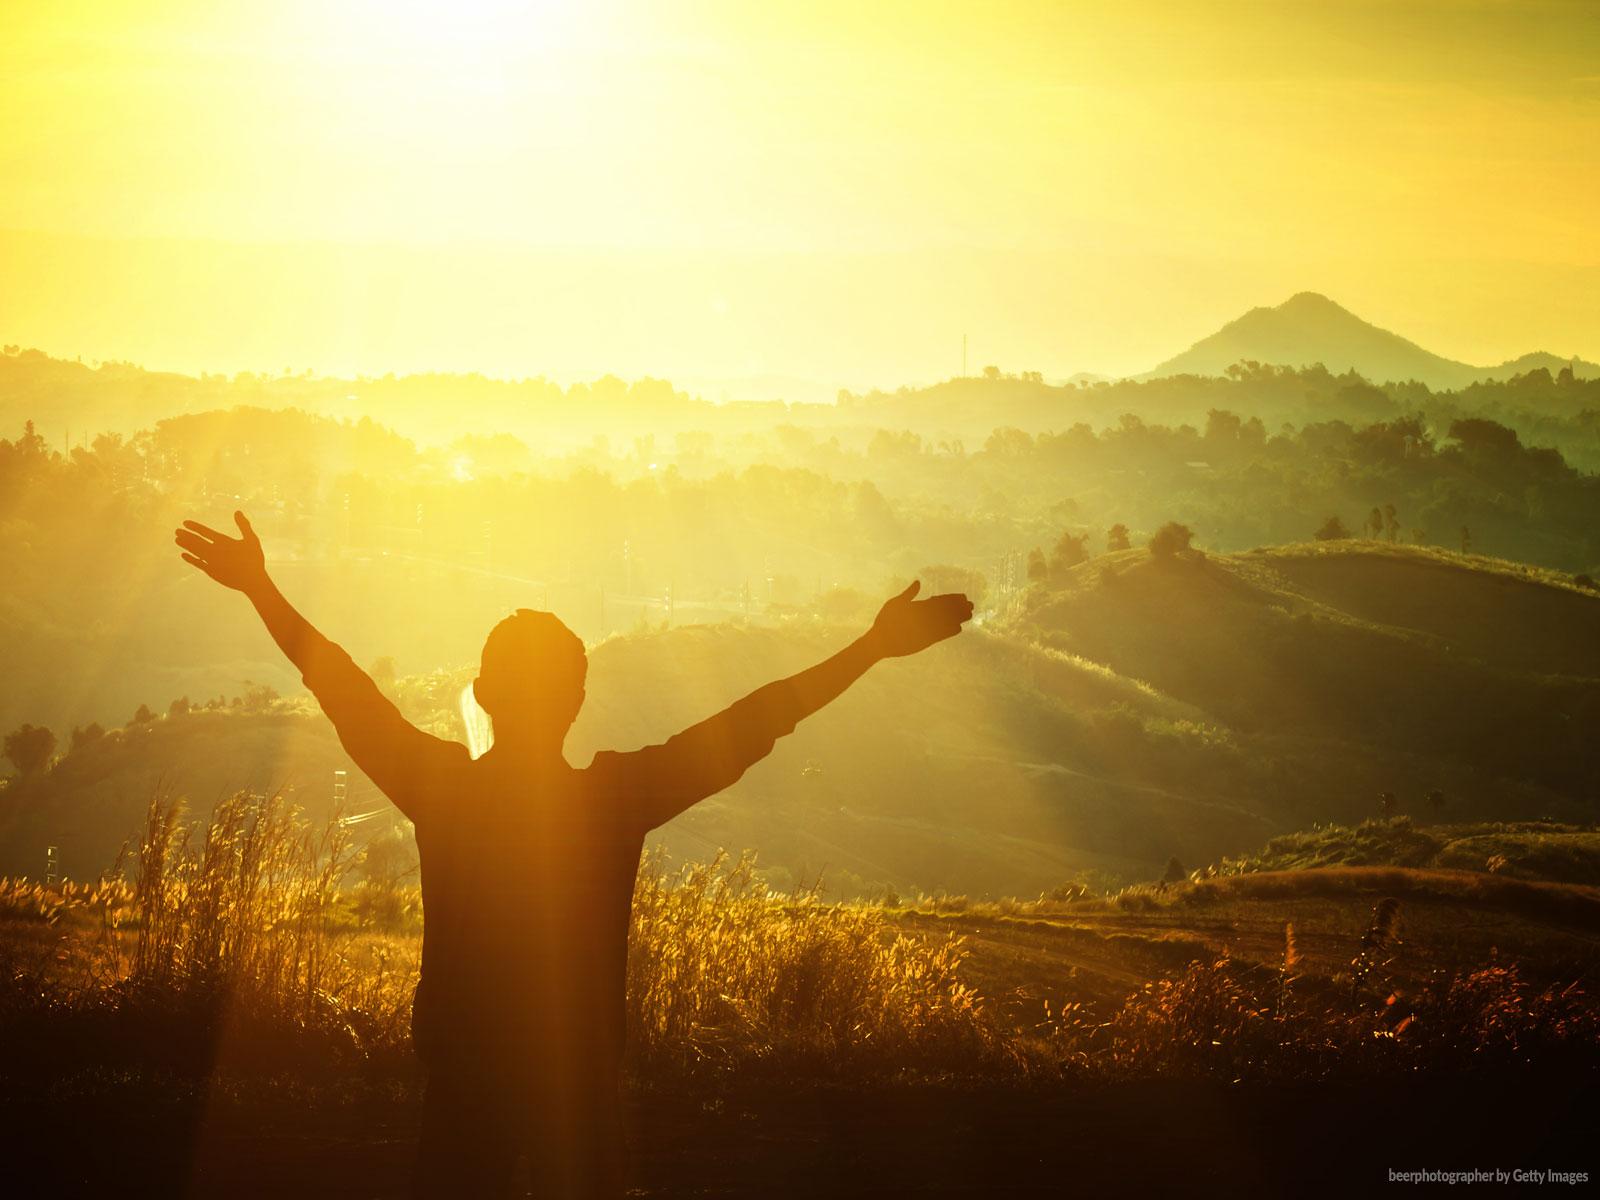 -Espírito-Santo-de-Deus-nos-conduz-a-sua-maneira